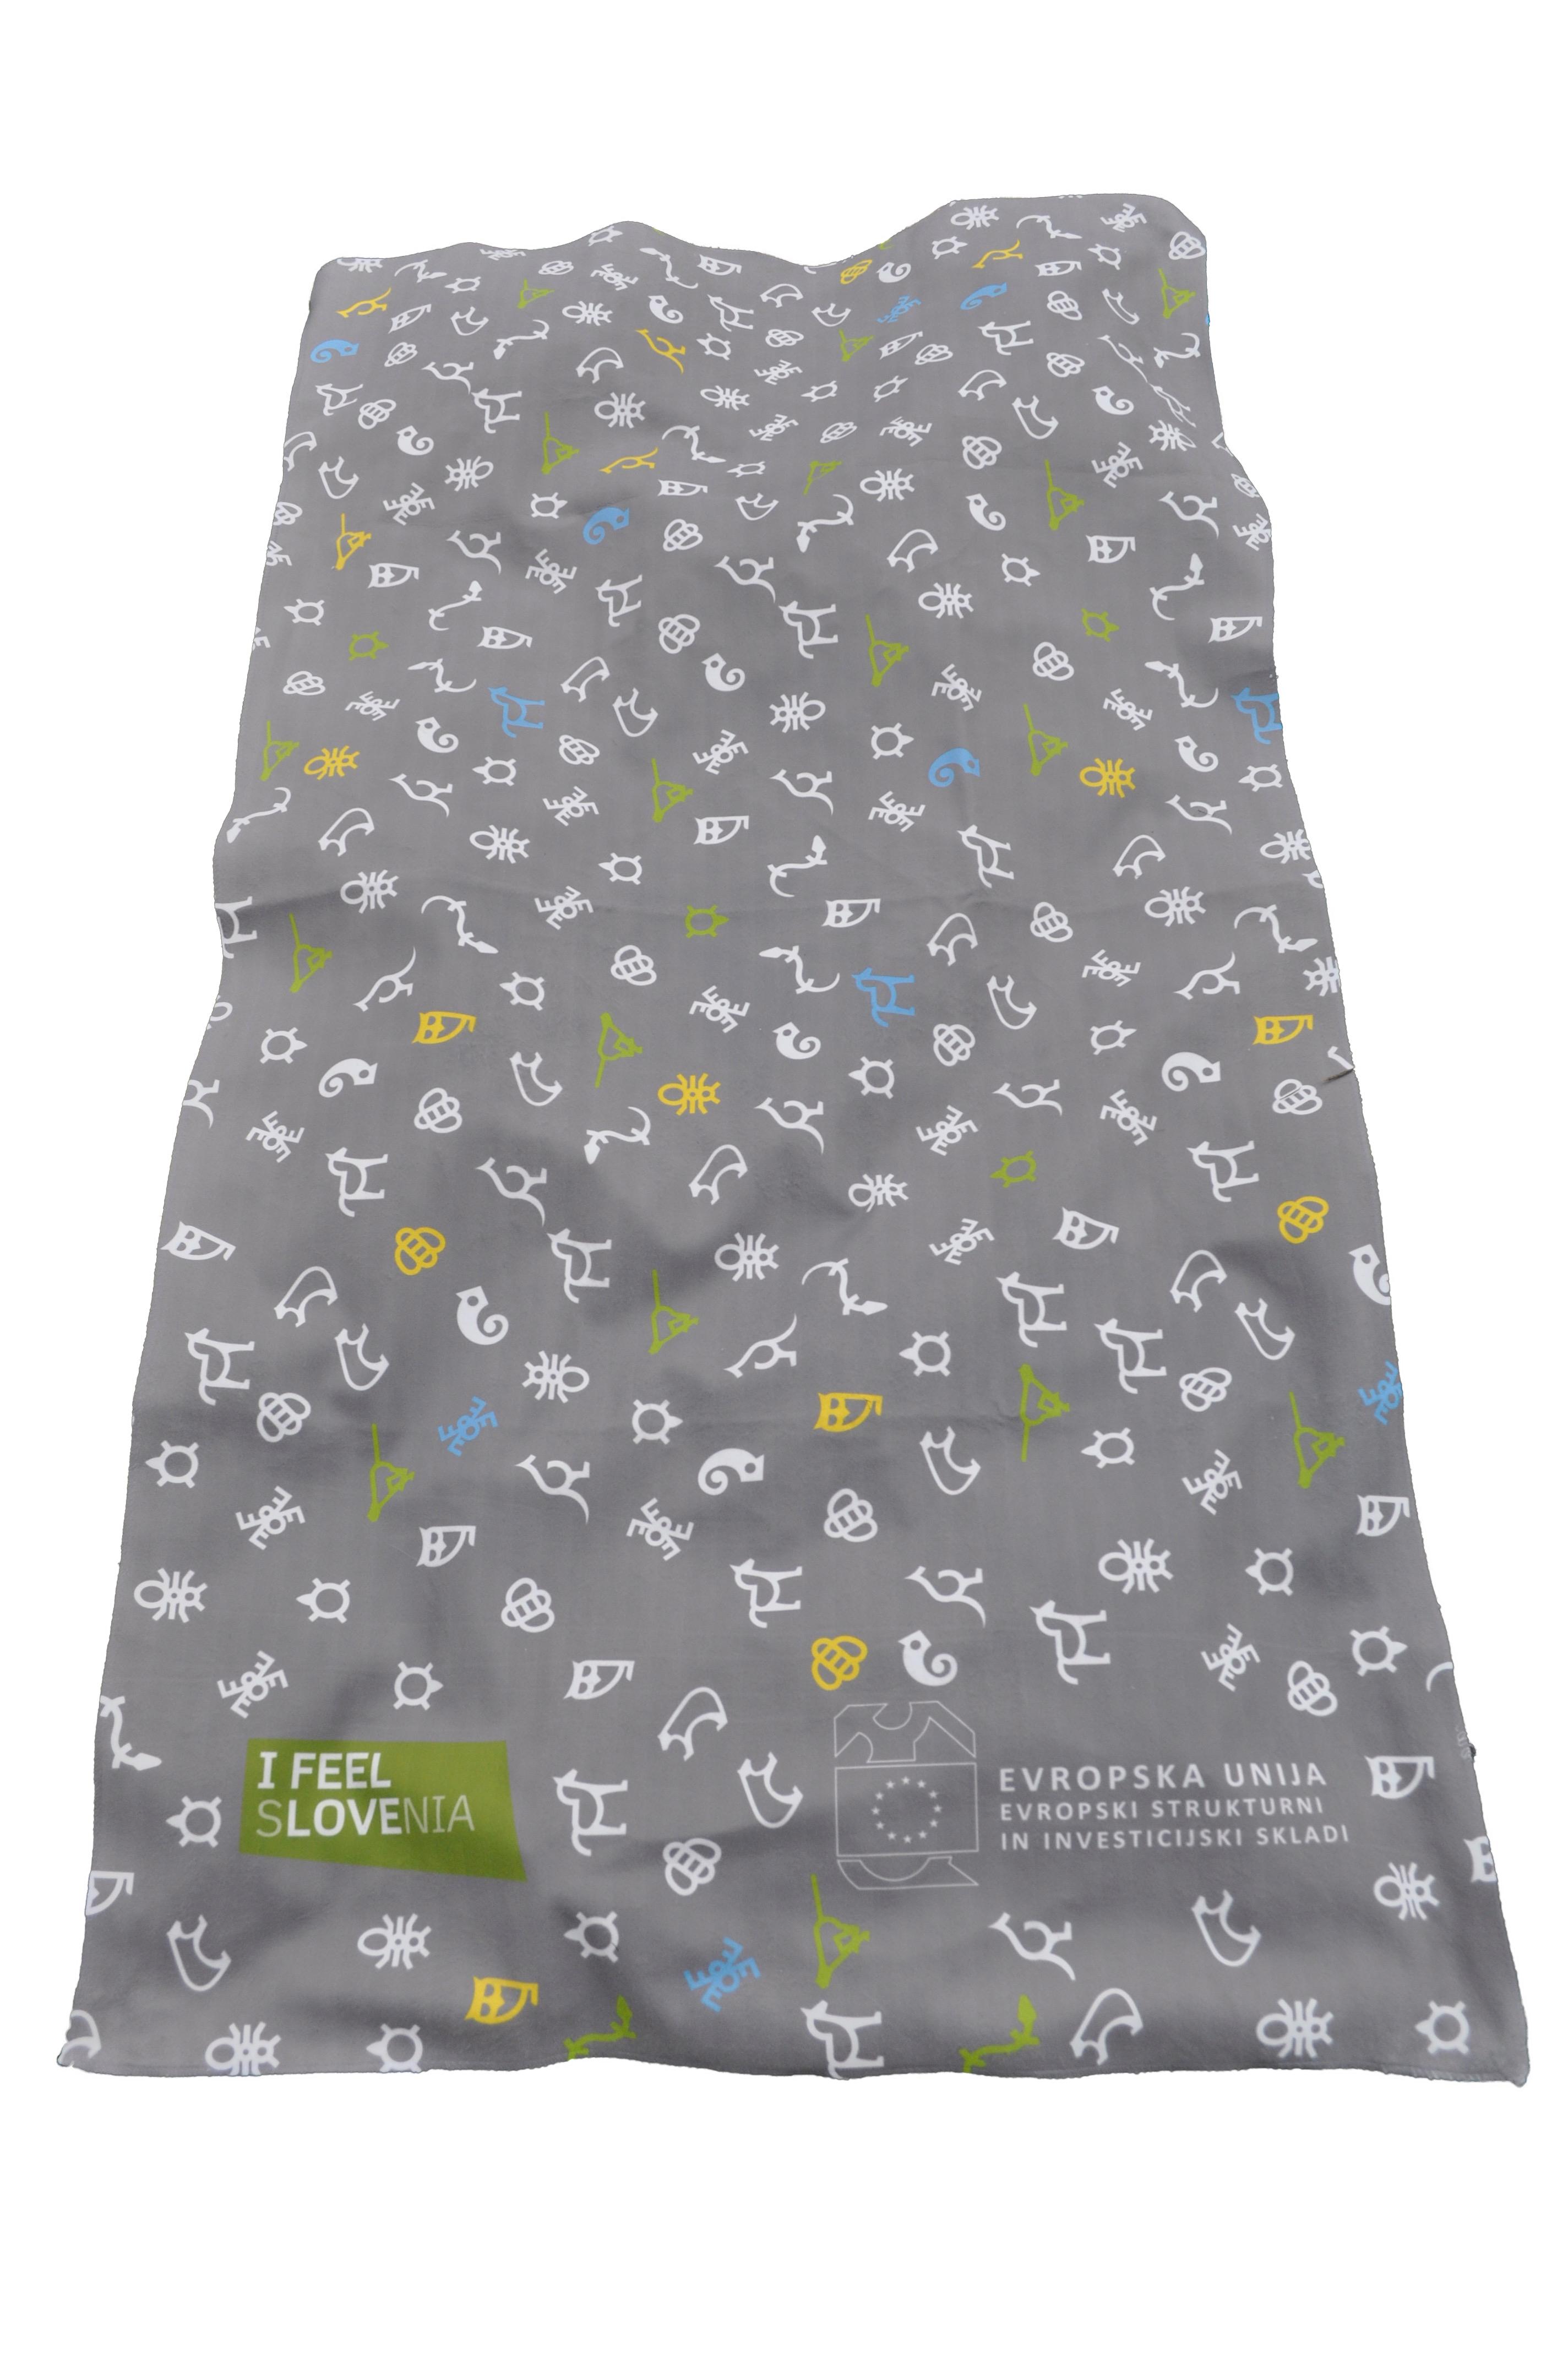 Printed towels (1)